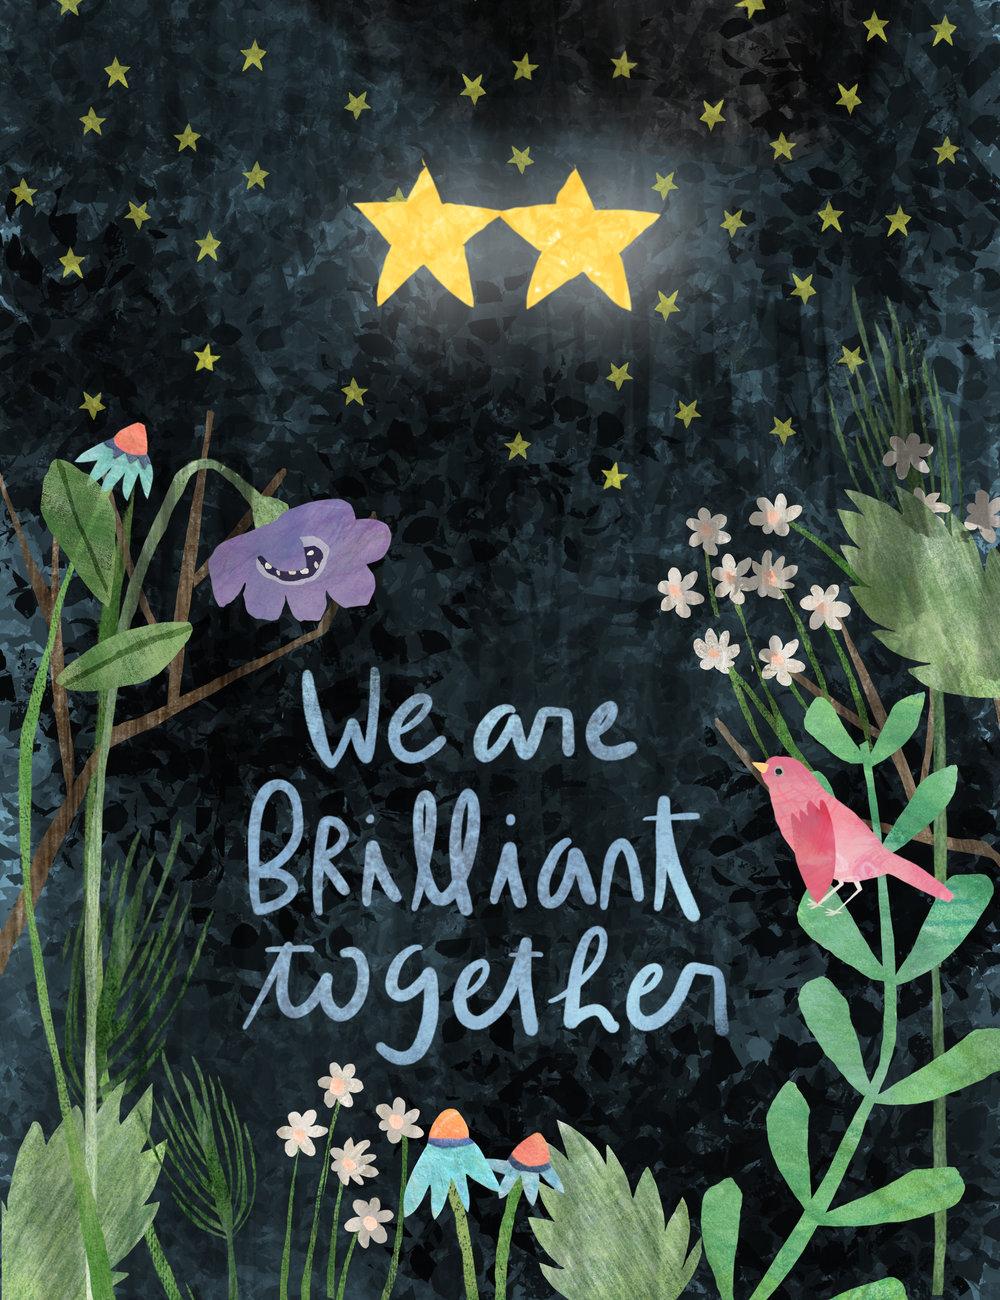 Brilliant_Together_.jpg